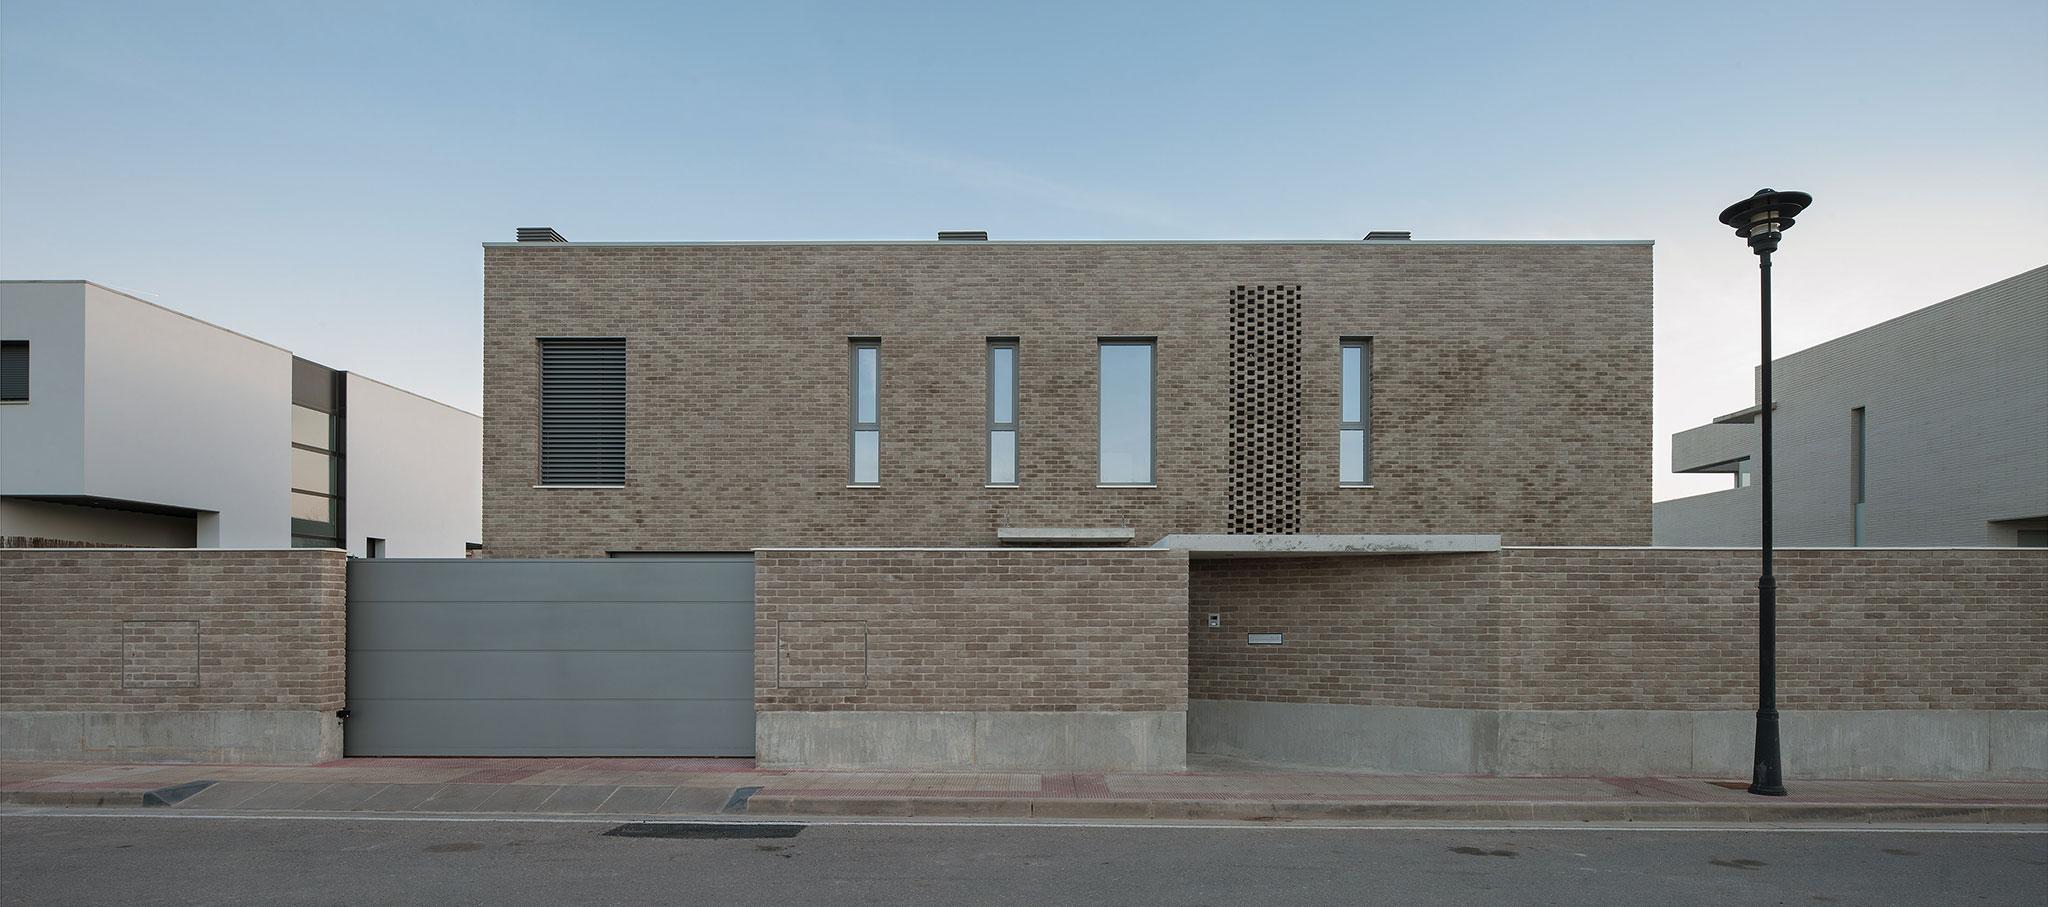 Casa AIM por Esther Vicario Azcona. Fotografía © Josema Cutillas